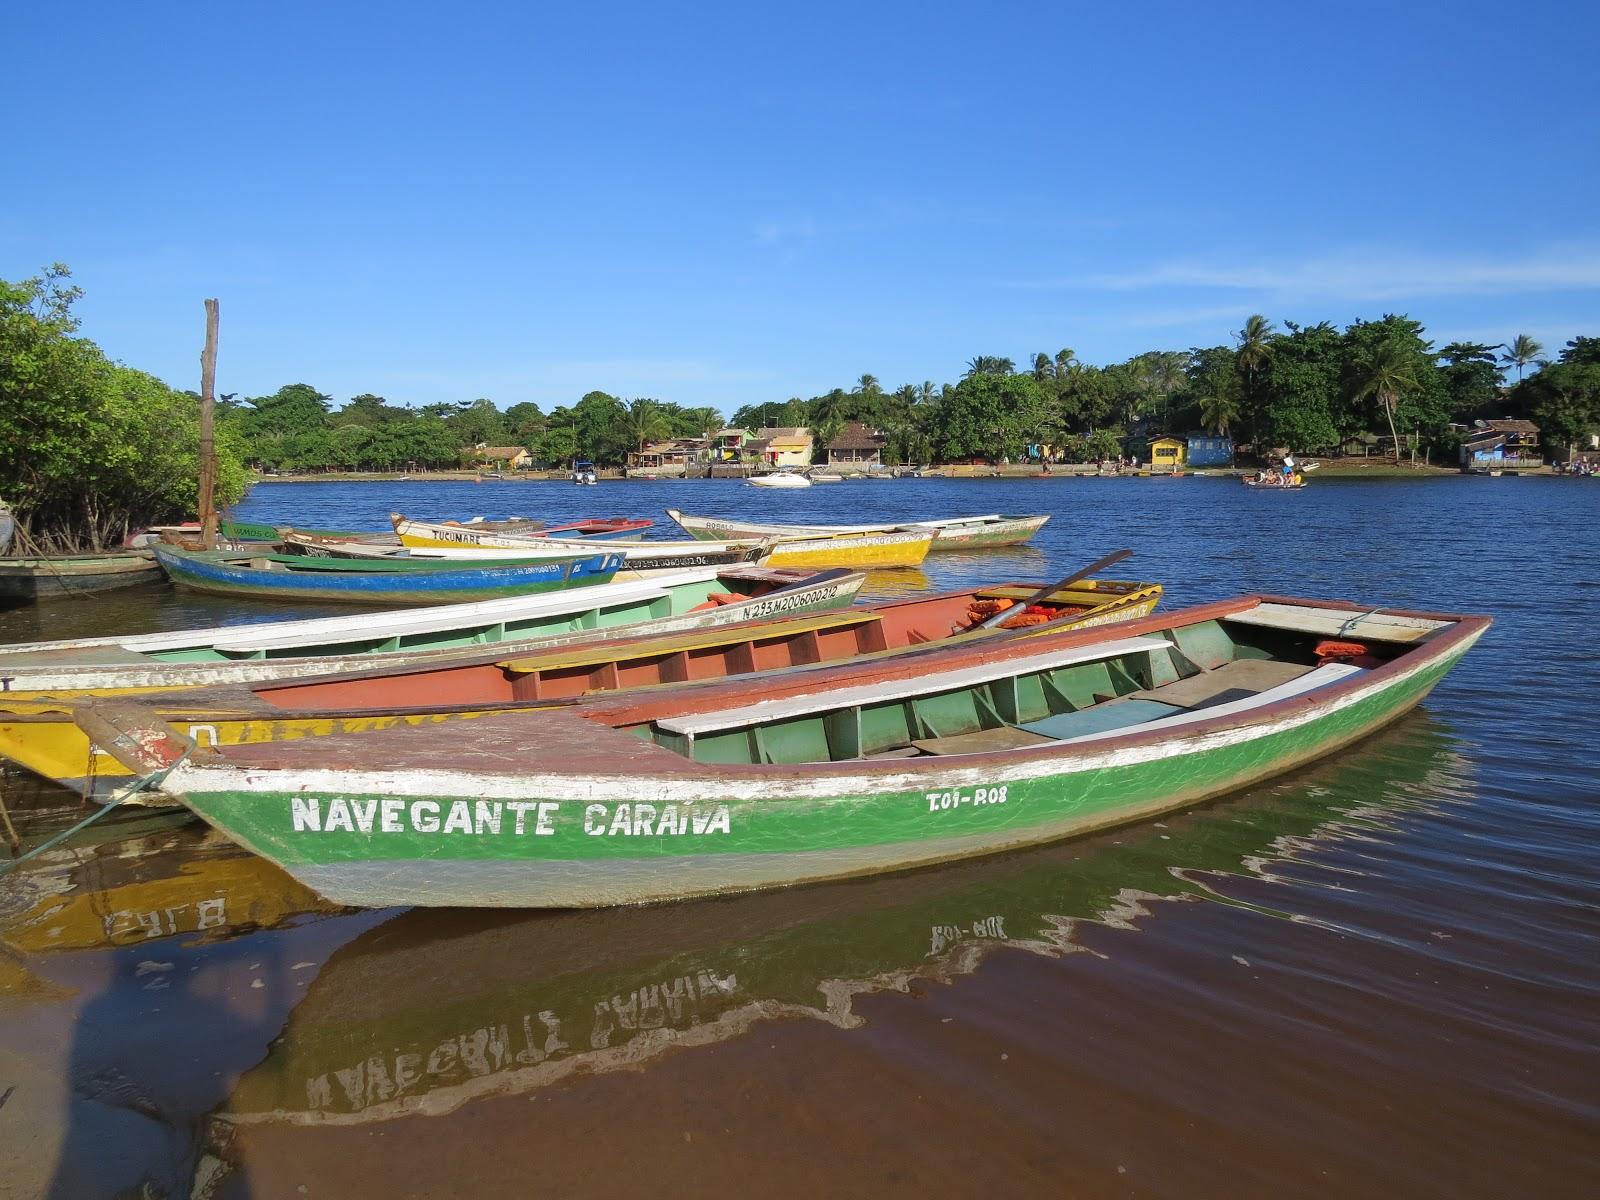 barcos em Caraíva roteiro praia do espelho